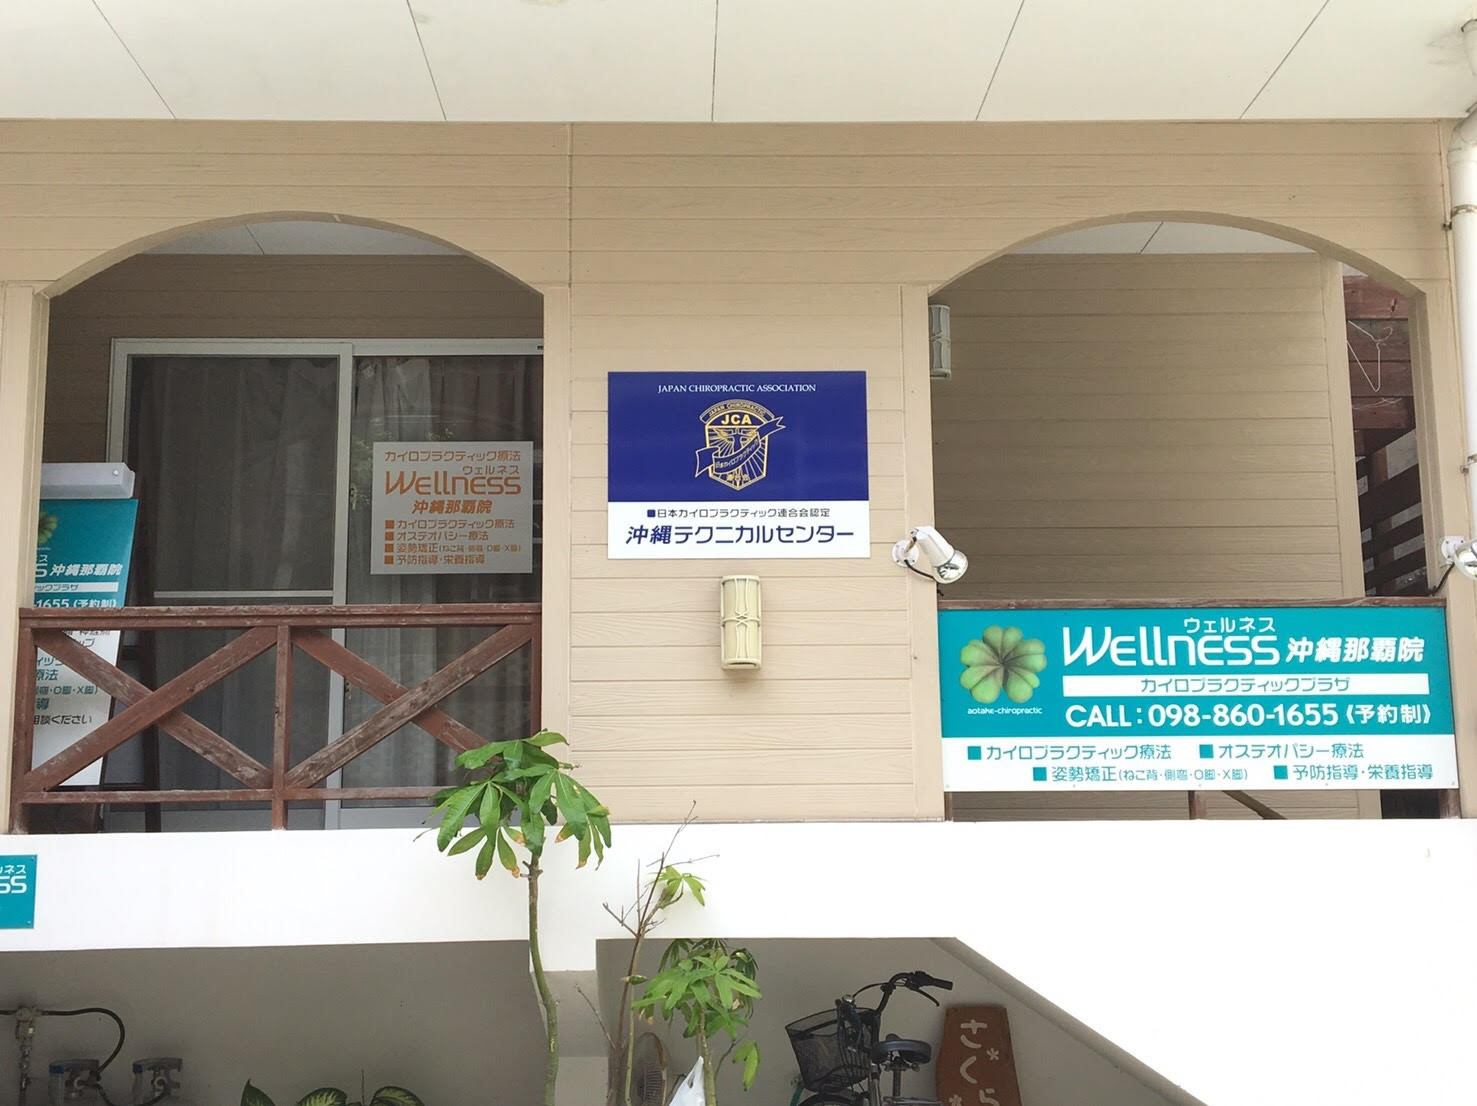 ウェルネス 沖縄 日本